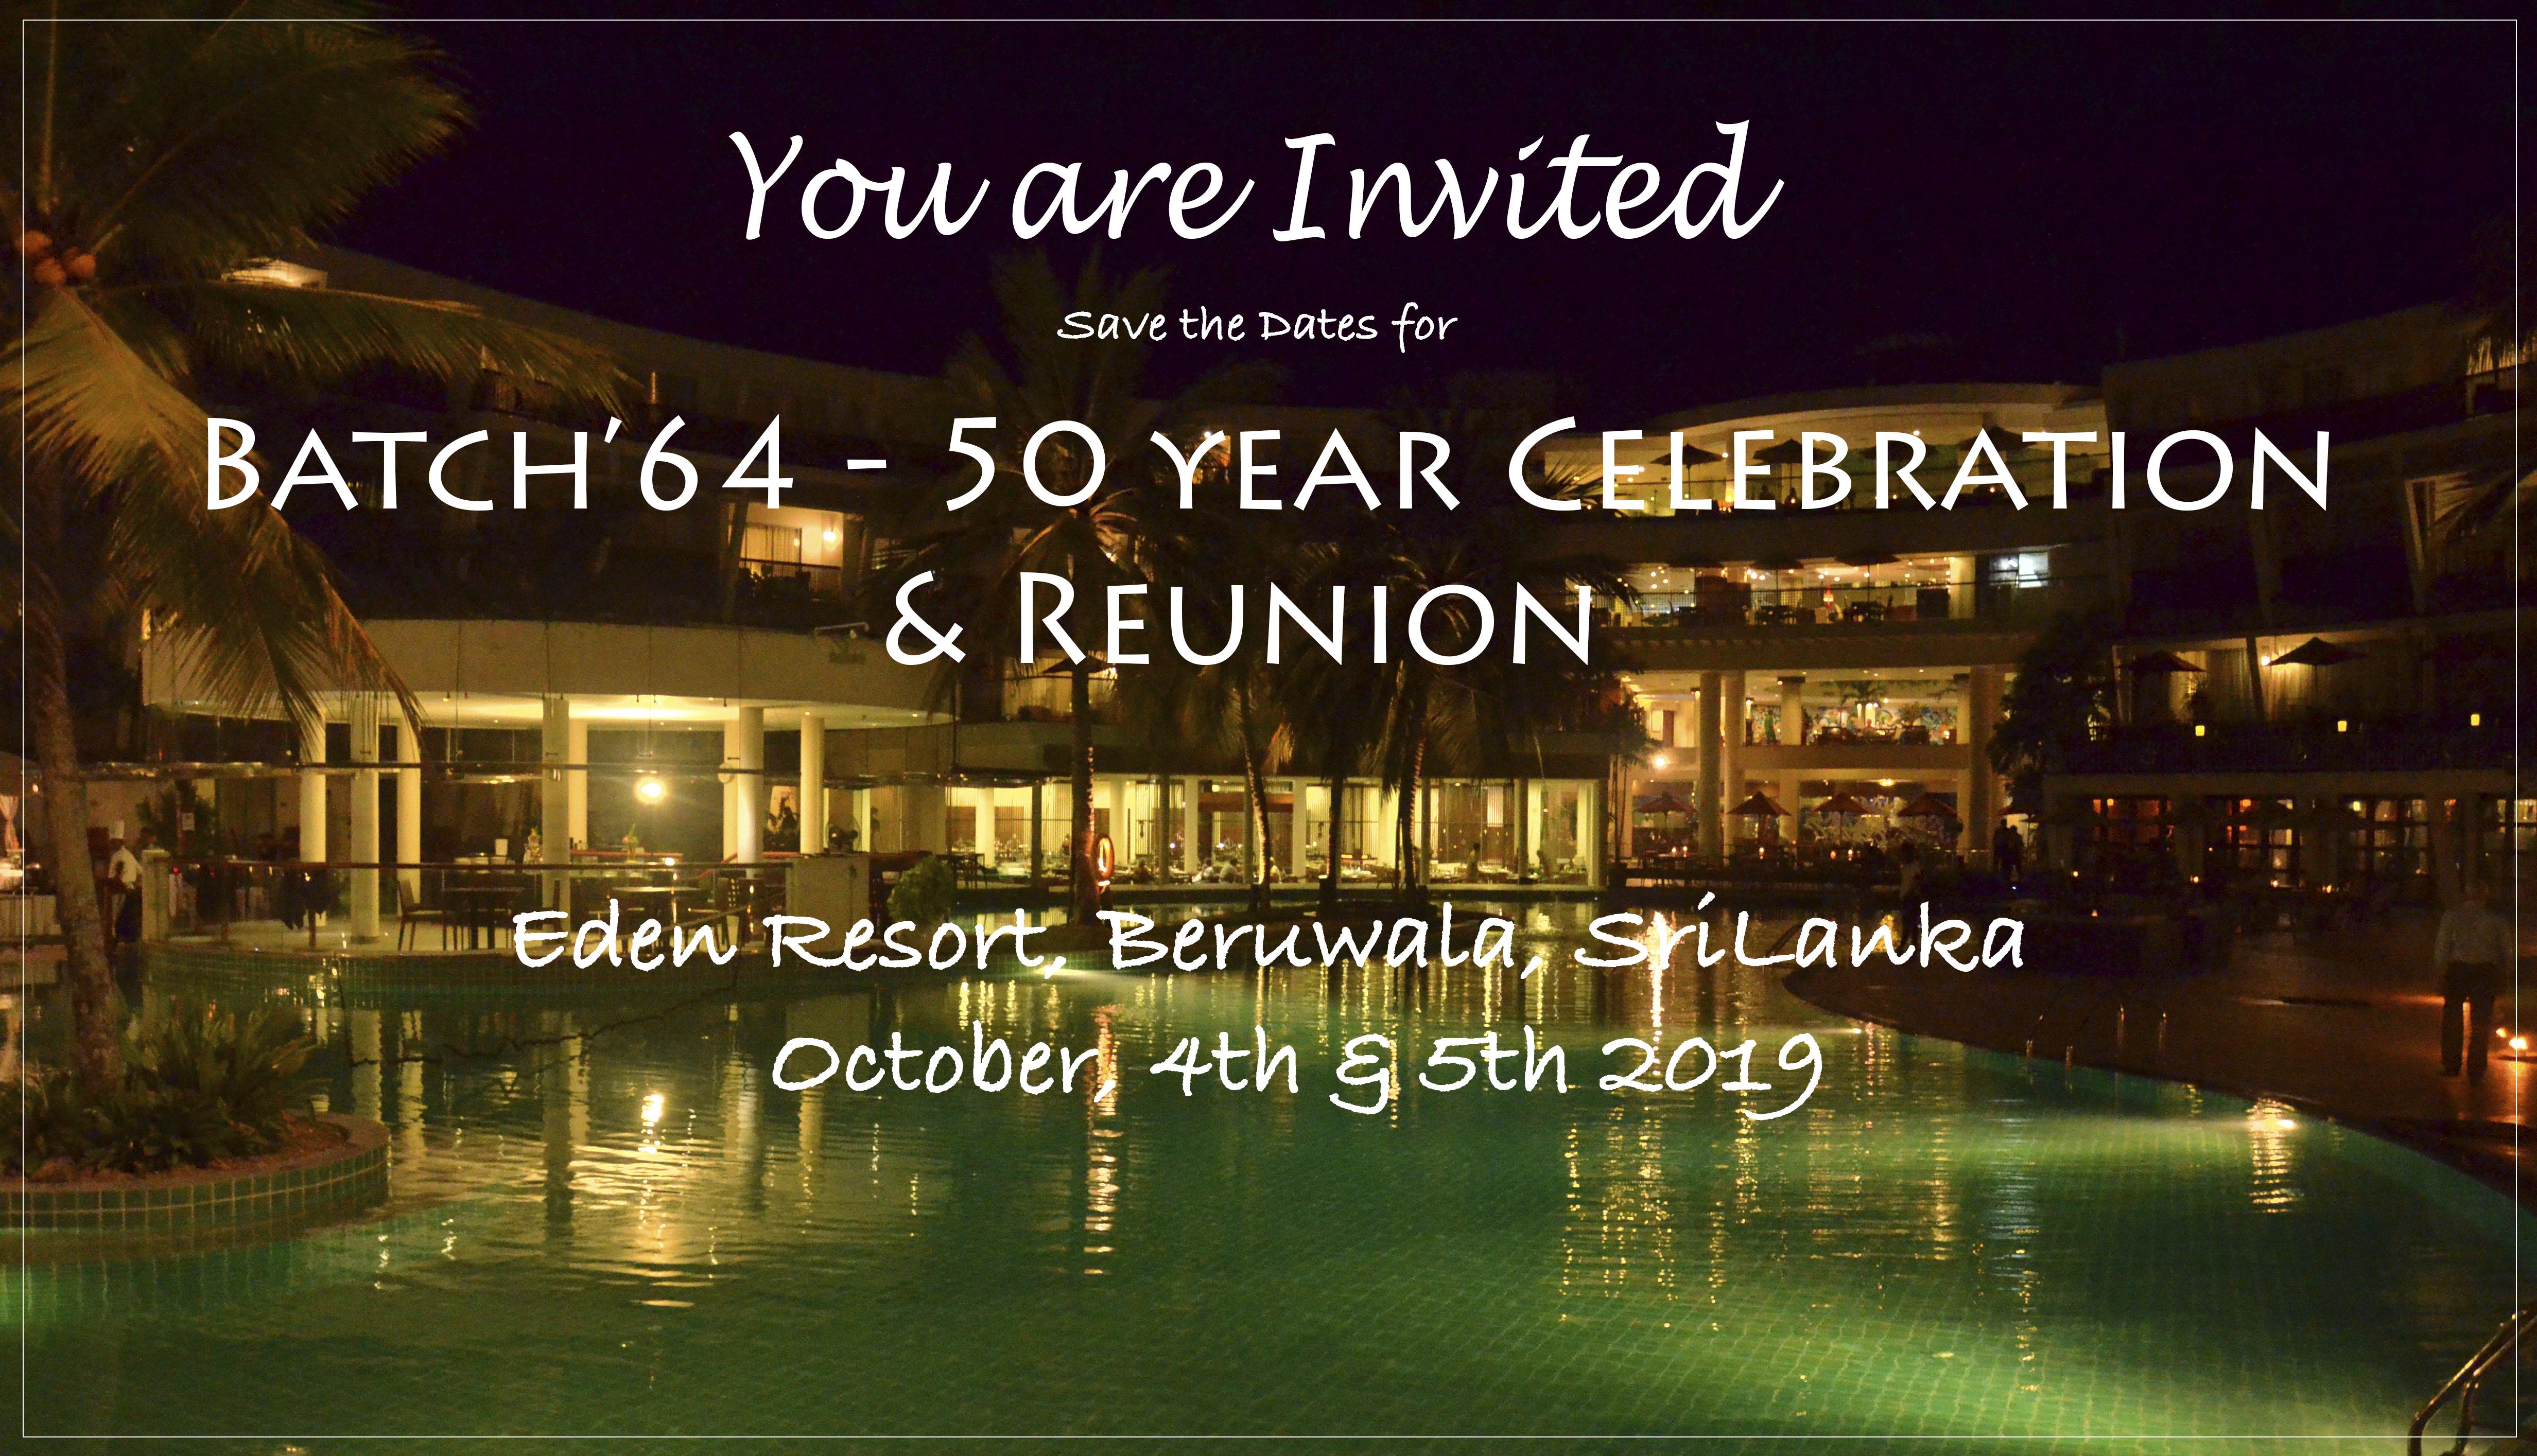 RU'64 '19 Invitation